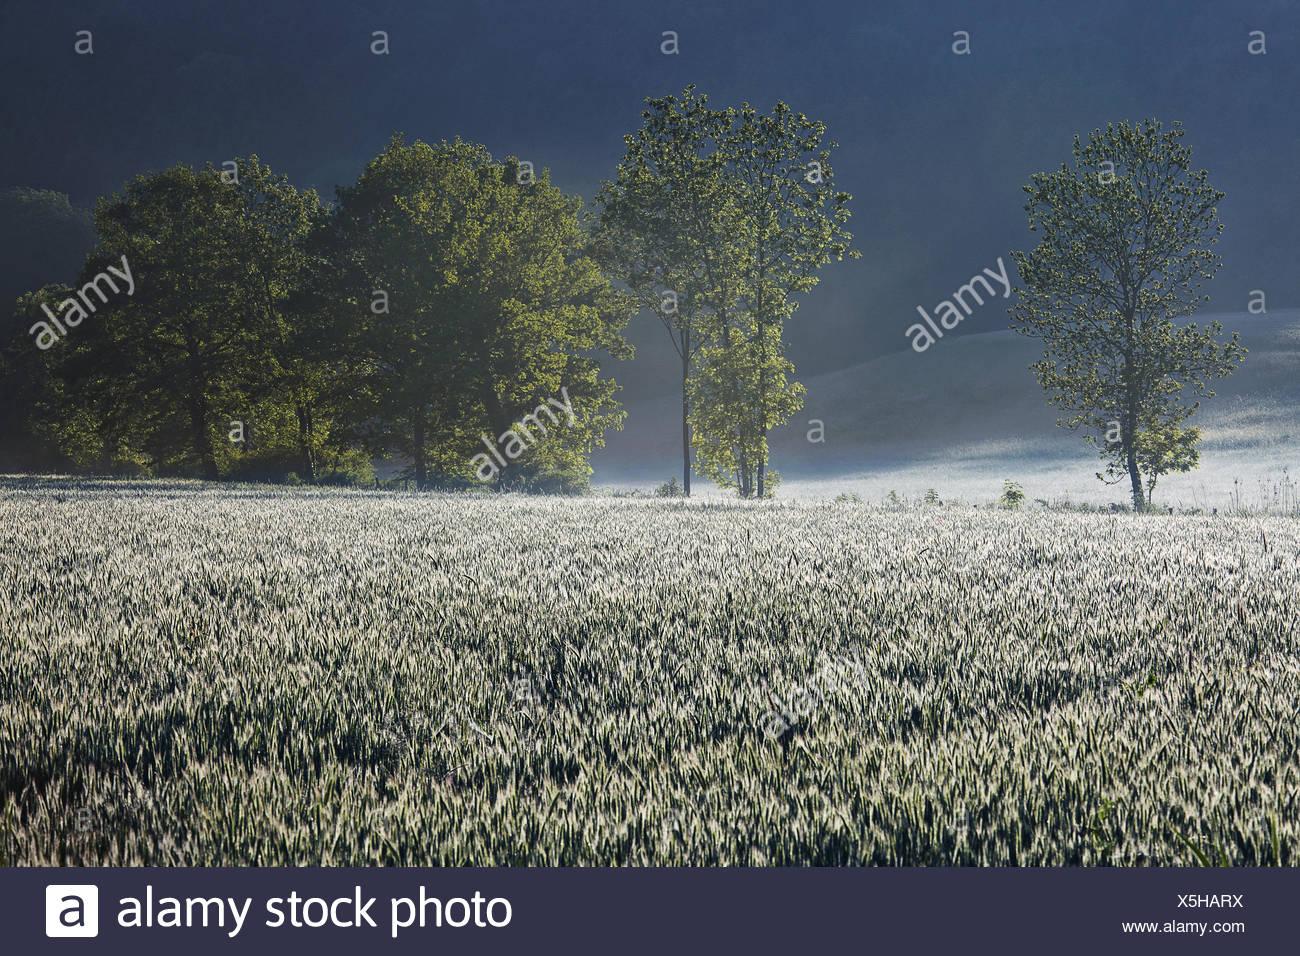 wheat field in hoarfrost - Stock Image